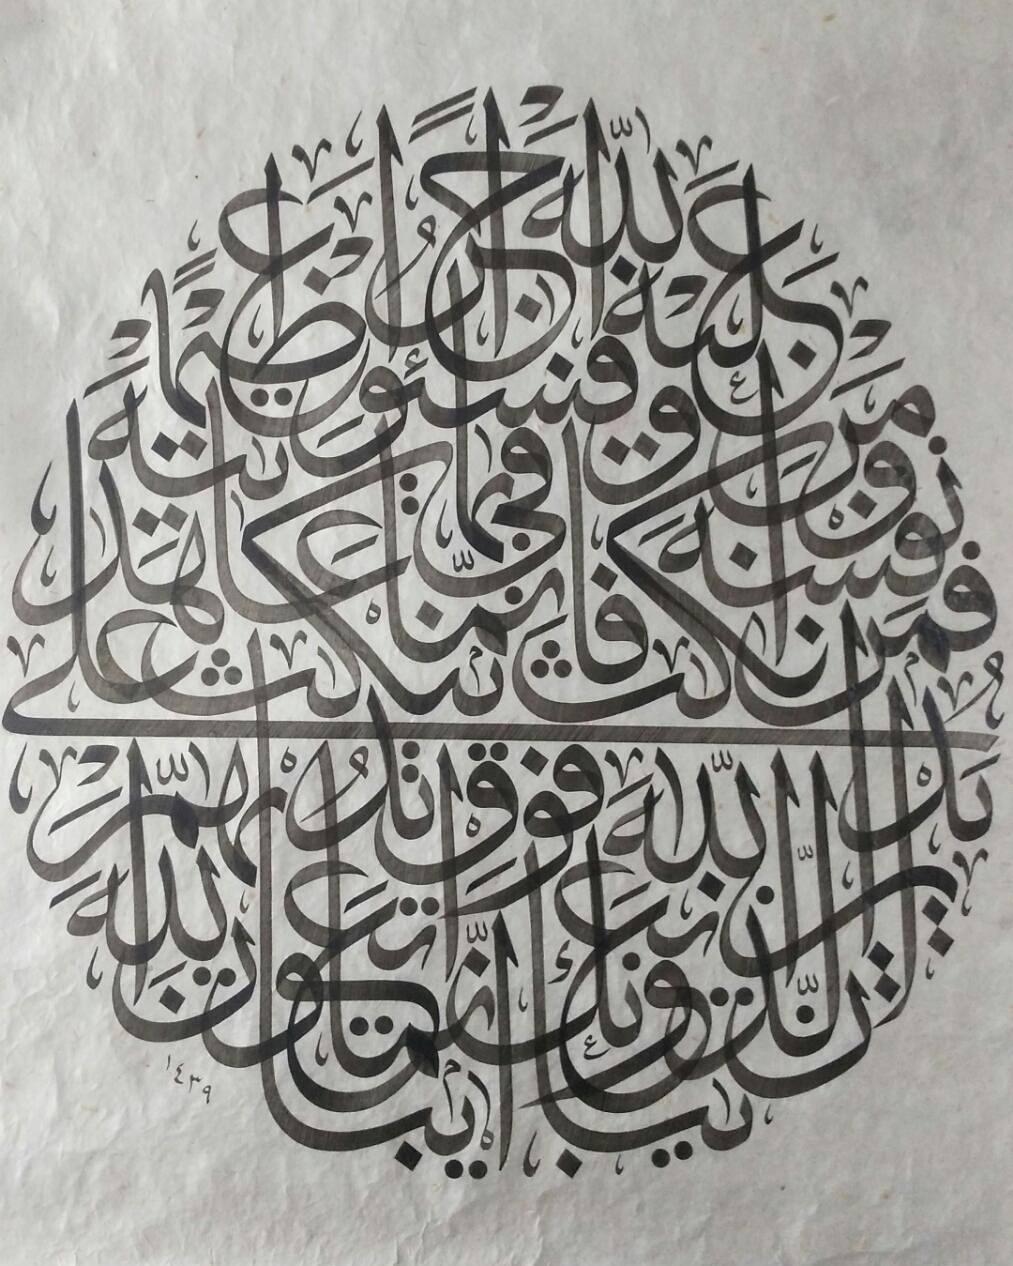 Foto Karya Kaligrafi Alhamdulillah… Terimakasih yang setinggi tingginya kepada semua guru2..orang t…- Teguh Prastio